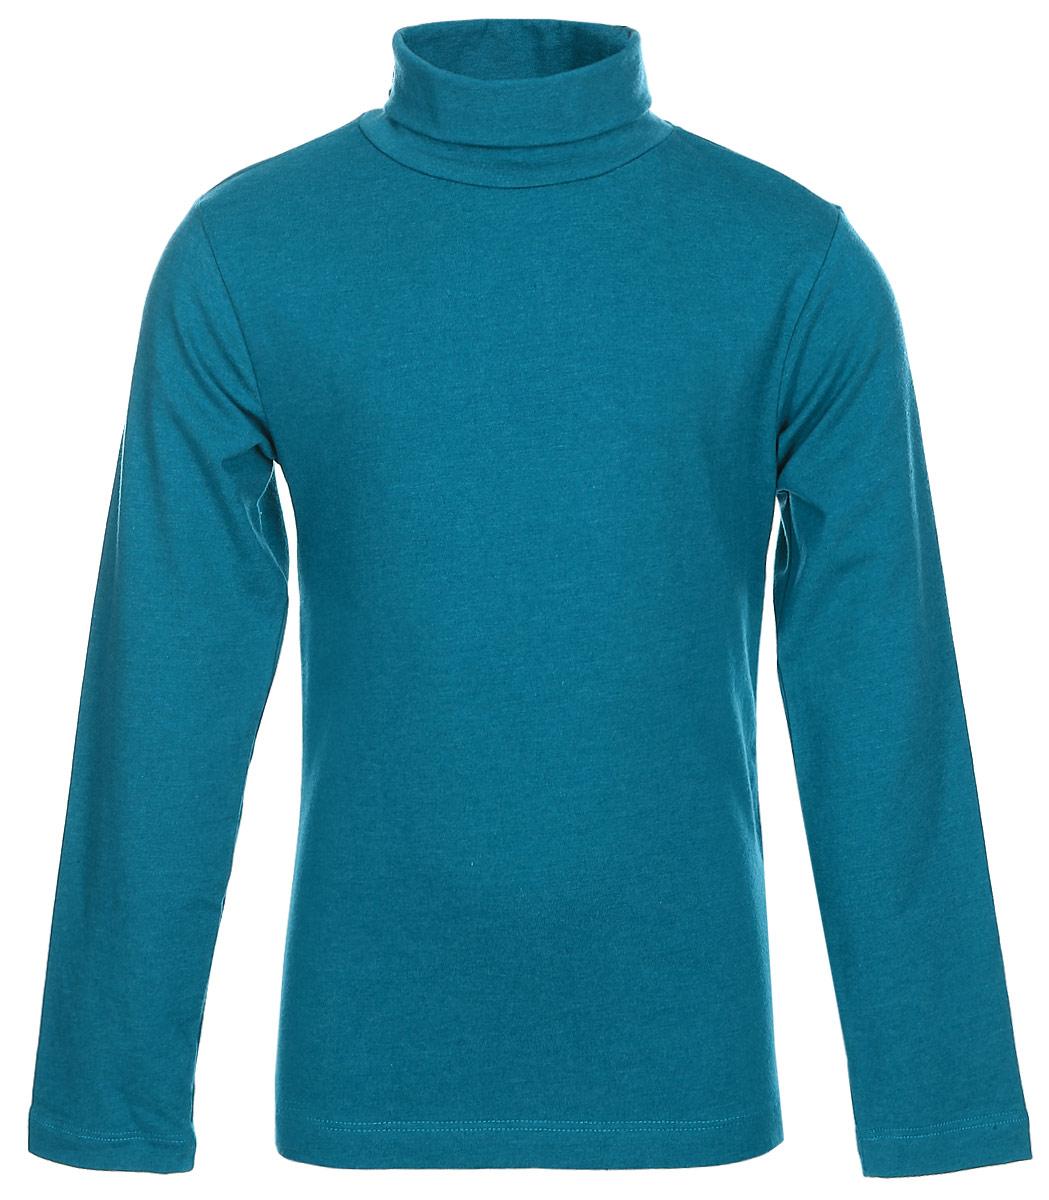 Джемпер для мальчика Sela, цвет: сине-зеленый меланж. Tt-711/352-7341. Размер 104, 4 годаTt-711/352-7341Джемпер для мальчика Sela выполнен из хлопка с добавлением полиэстера и эластана. Модель имеет длинные рукава и воротник-гольф. Джемпер выполнен в классическом однотонном дизайне.